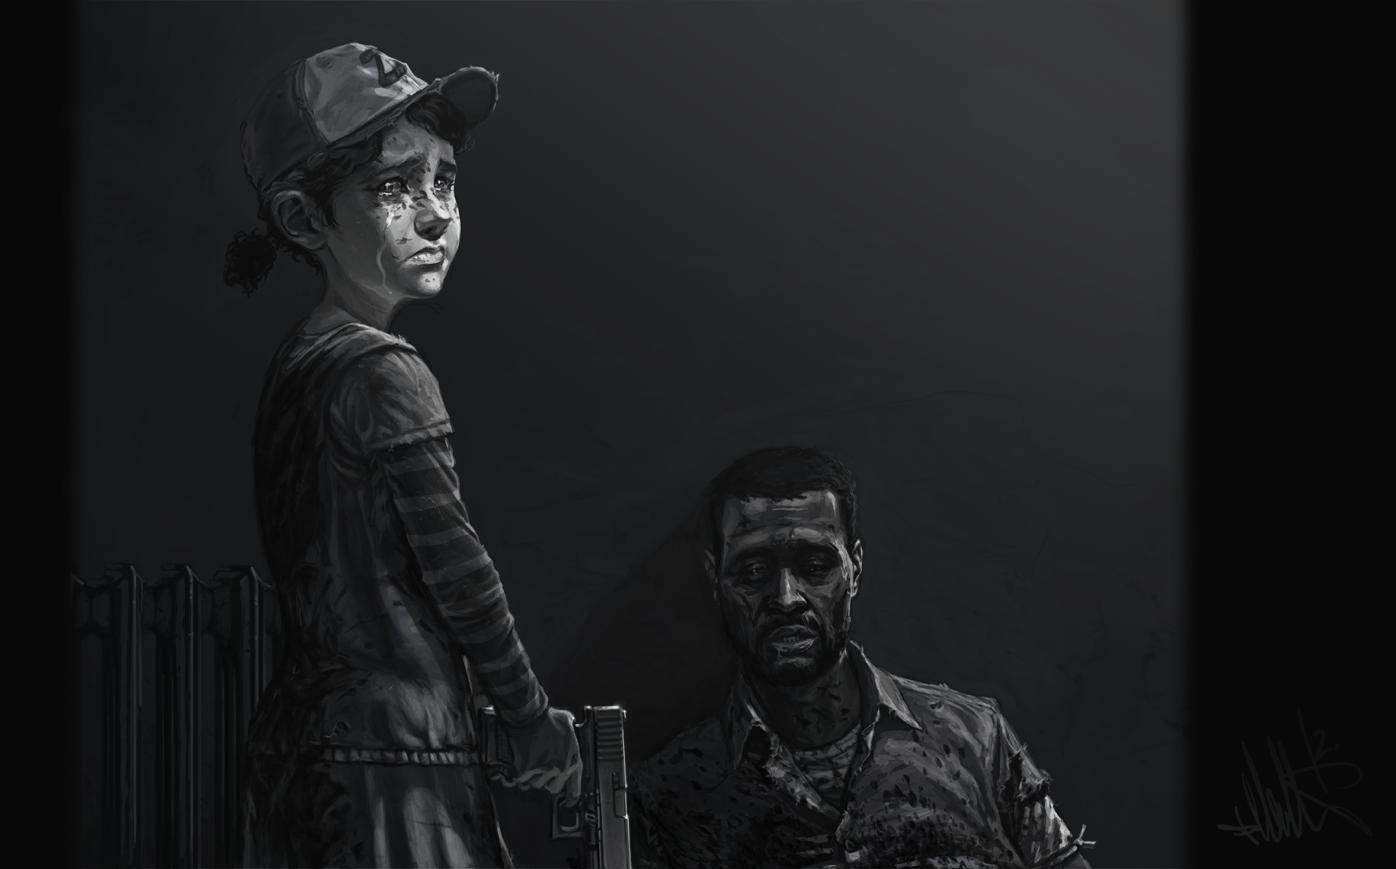 16 The Walking Dead: Season 1 HD Wallpapers | Backgrounds